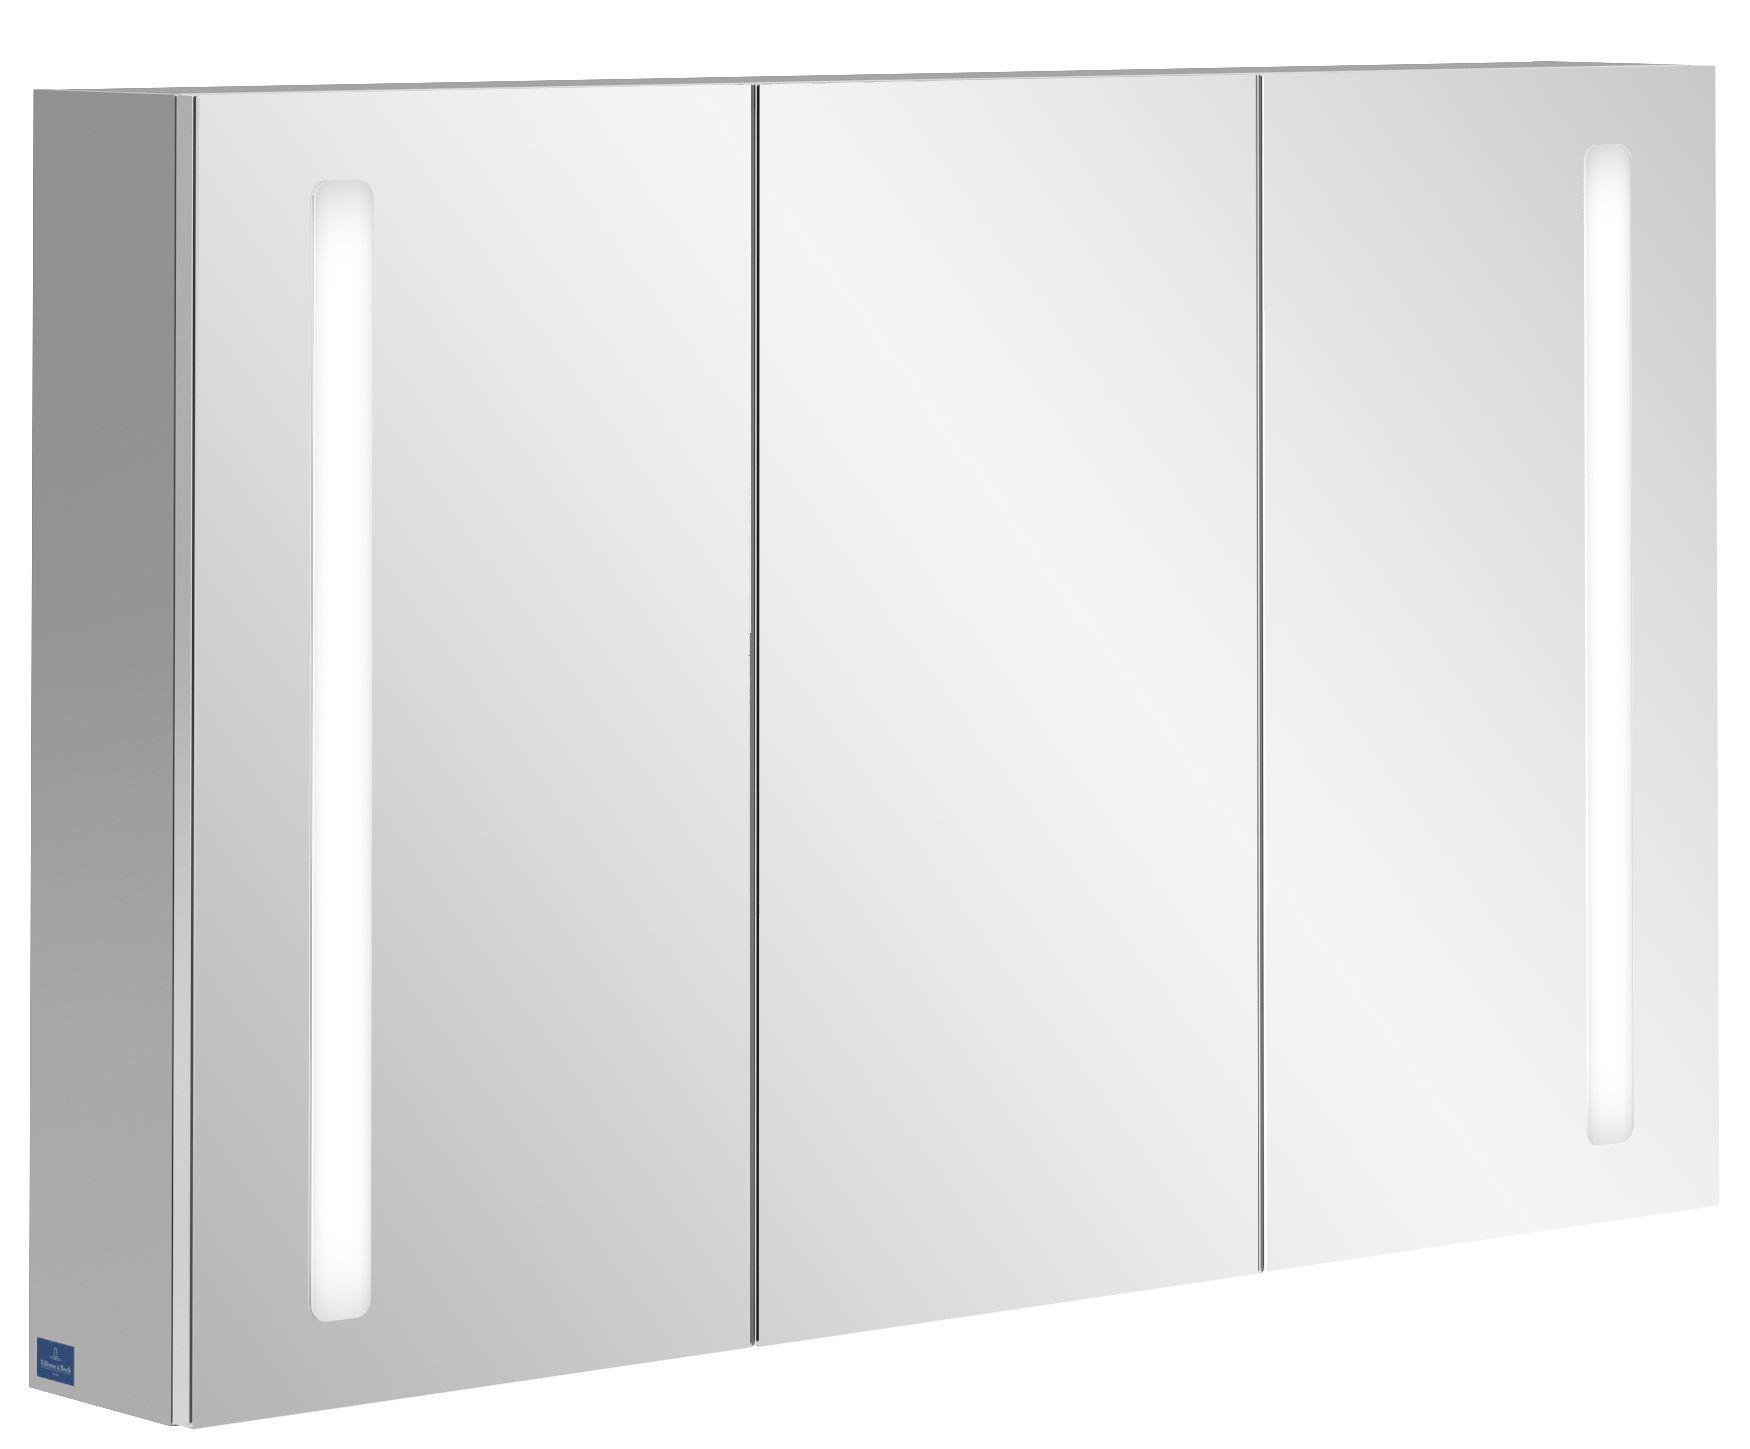 Villeroy & Boch My View 14+ Spiegelschrank mit integrierter LED Beleuchtung B:120xH:75xT:17,3cm A4331200